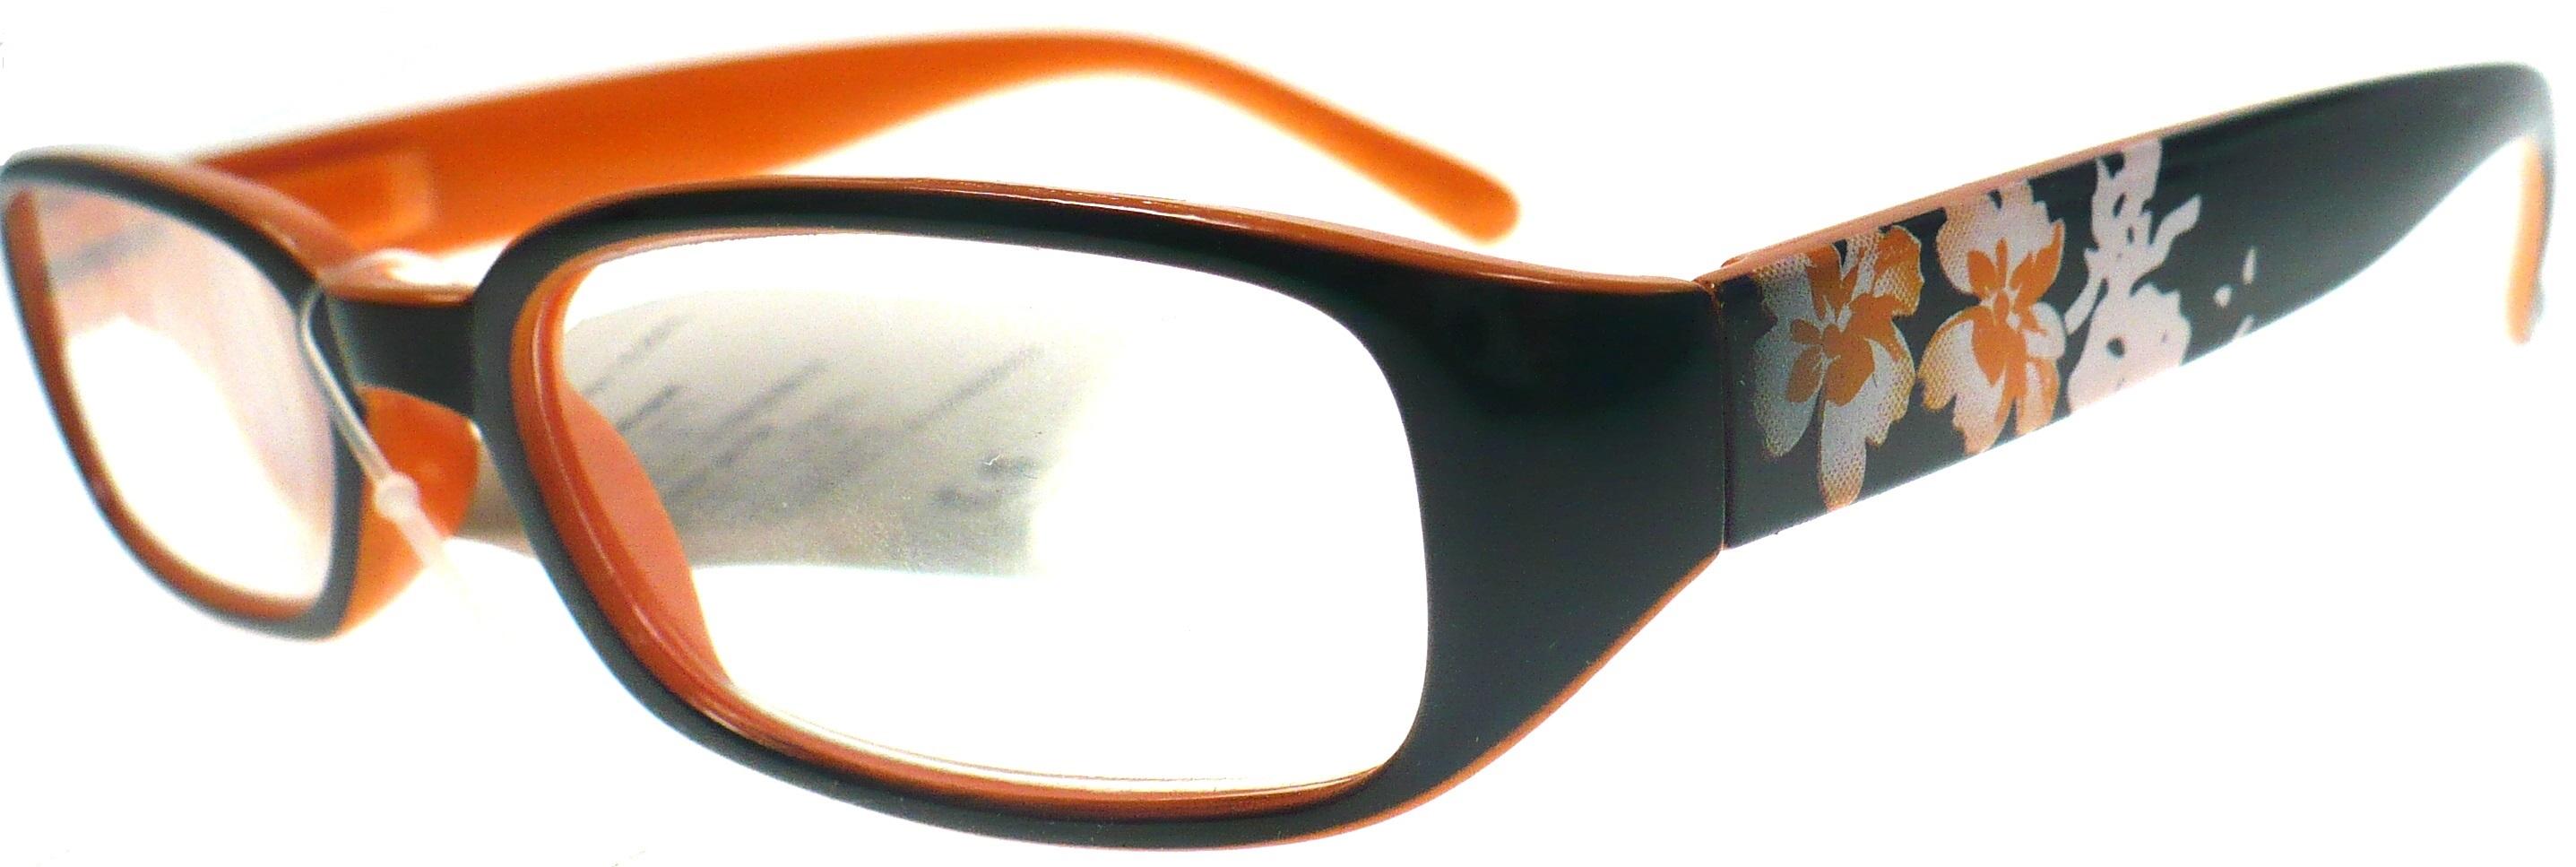 Berkeley Čtecí dioptrické brýle +1,50 černooranžové s kytkama 1 kus MC 2103